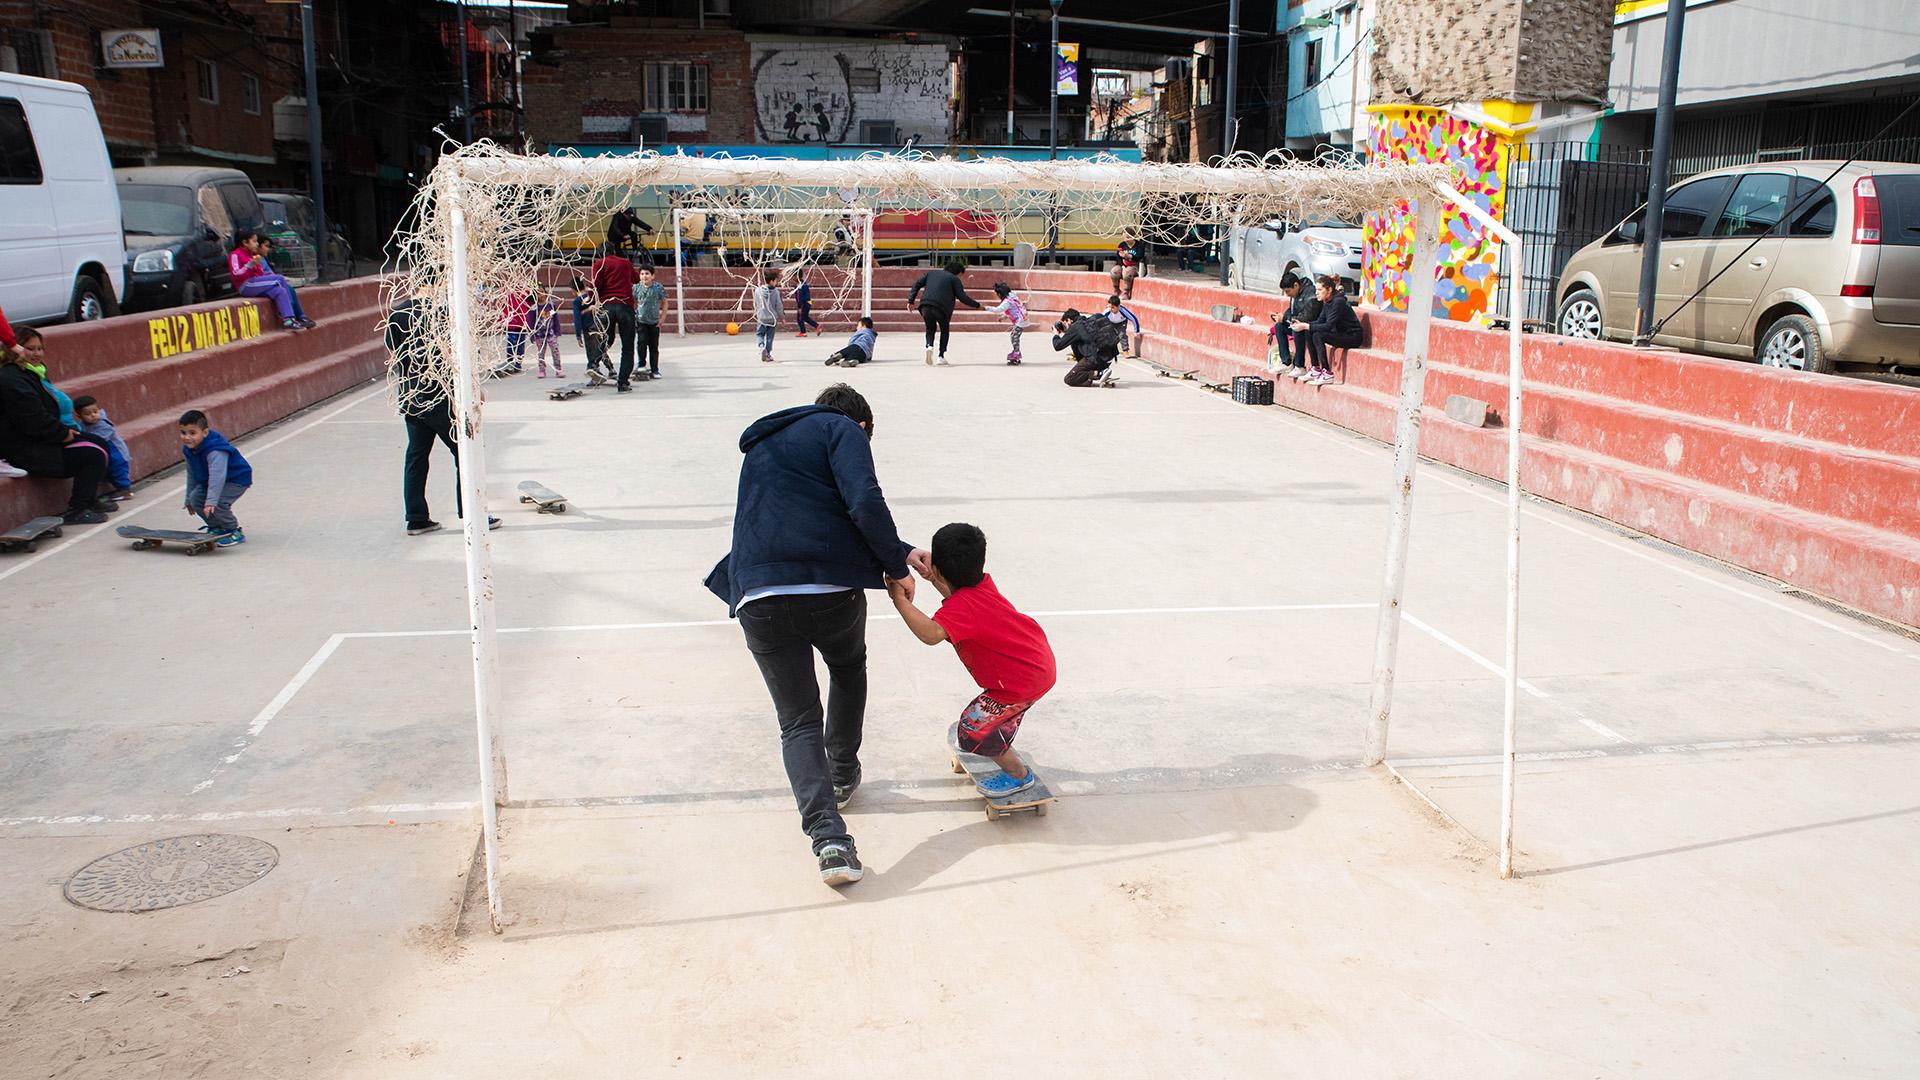 A comienzos de los años '80, el skate se había expandido a cada rincón del mundo y la juventud la adquirió como suya, al igual que los espacios públicos